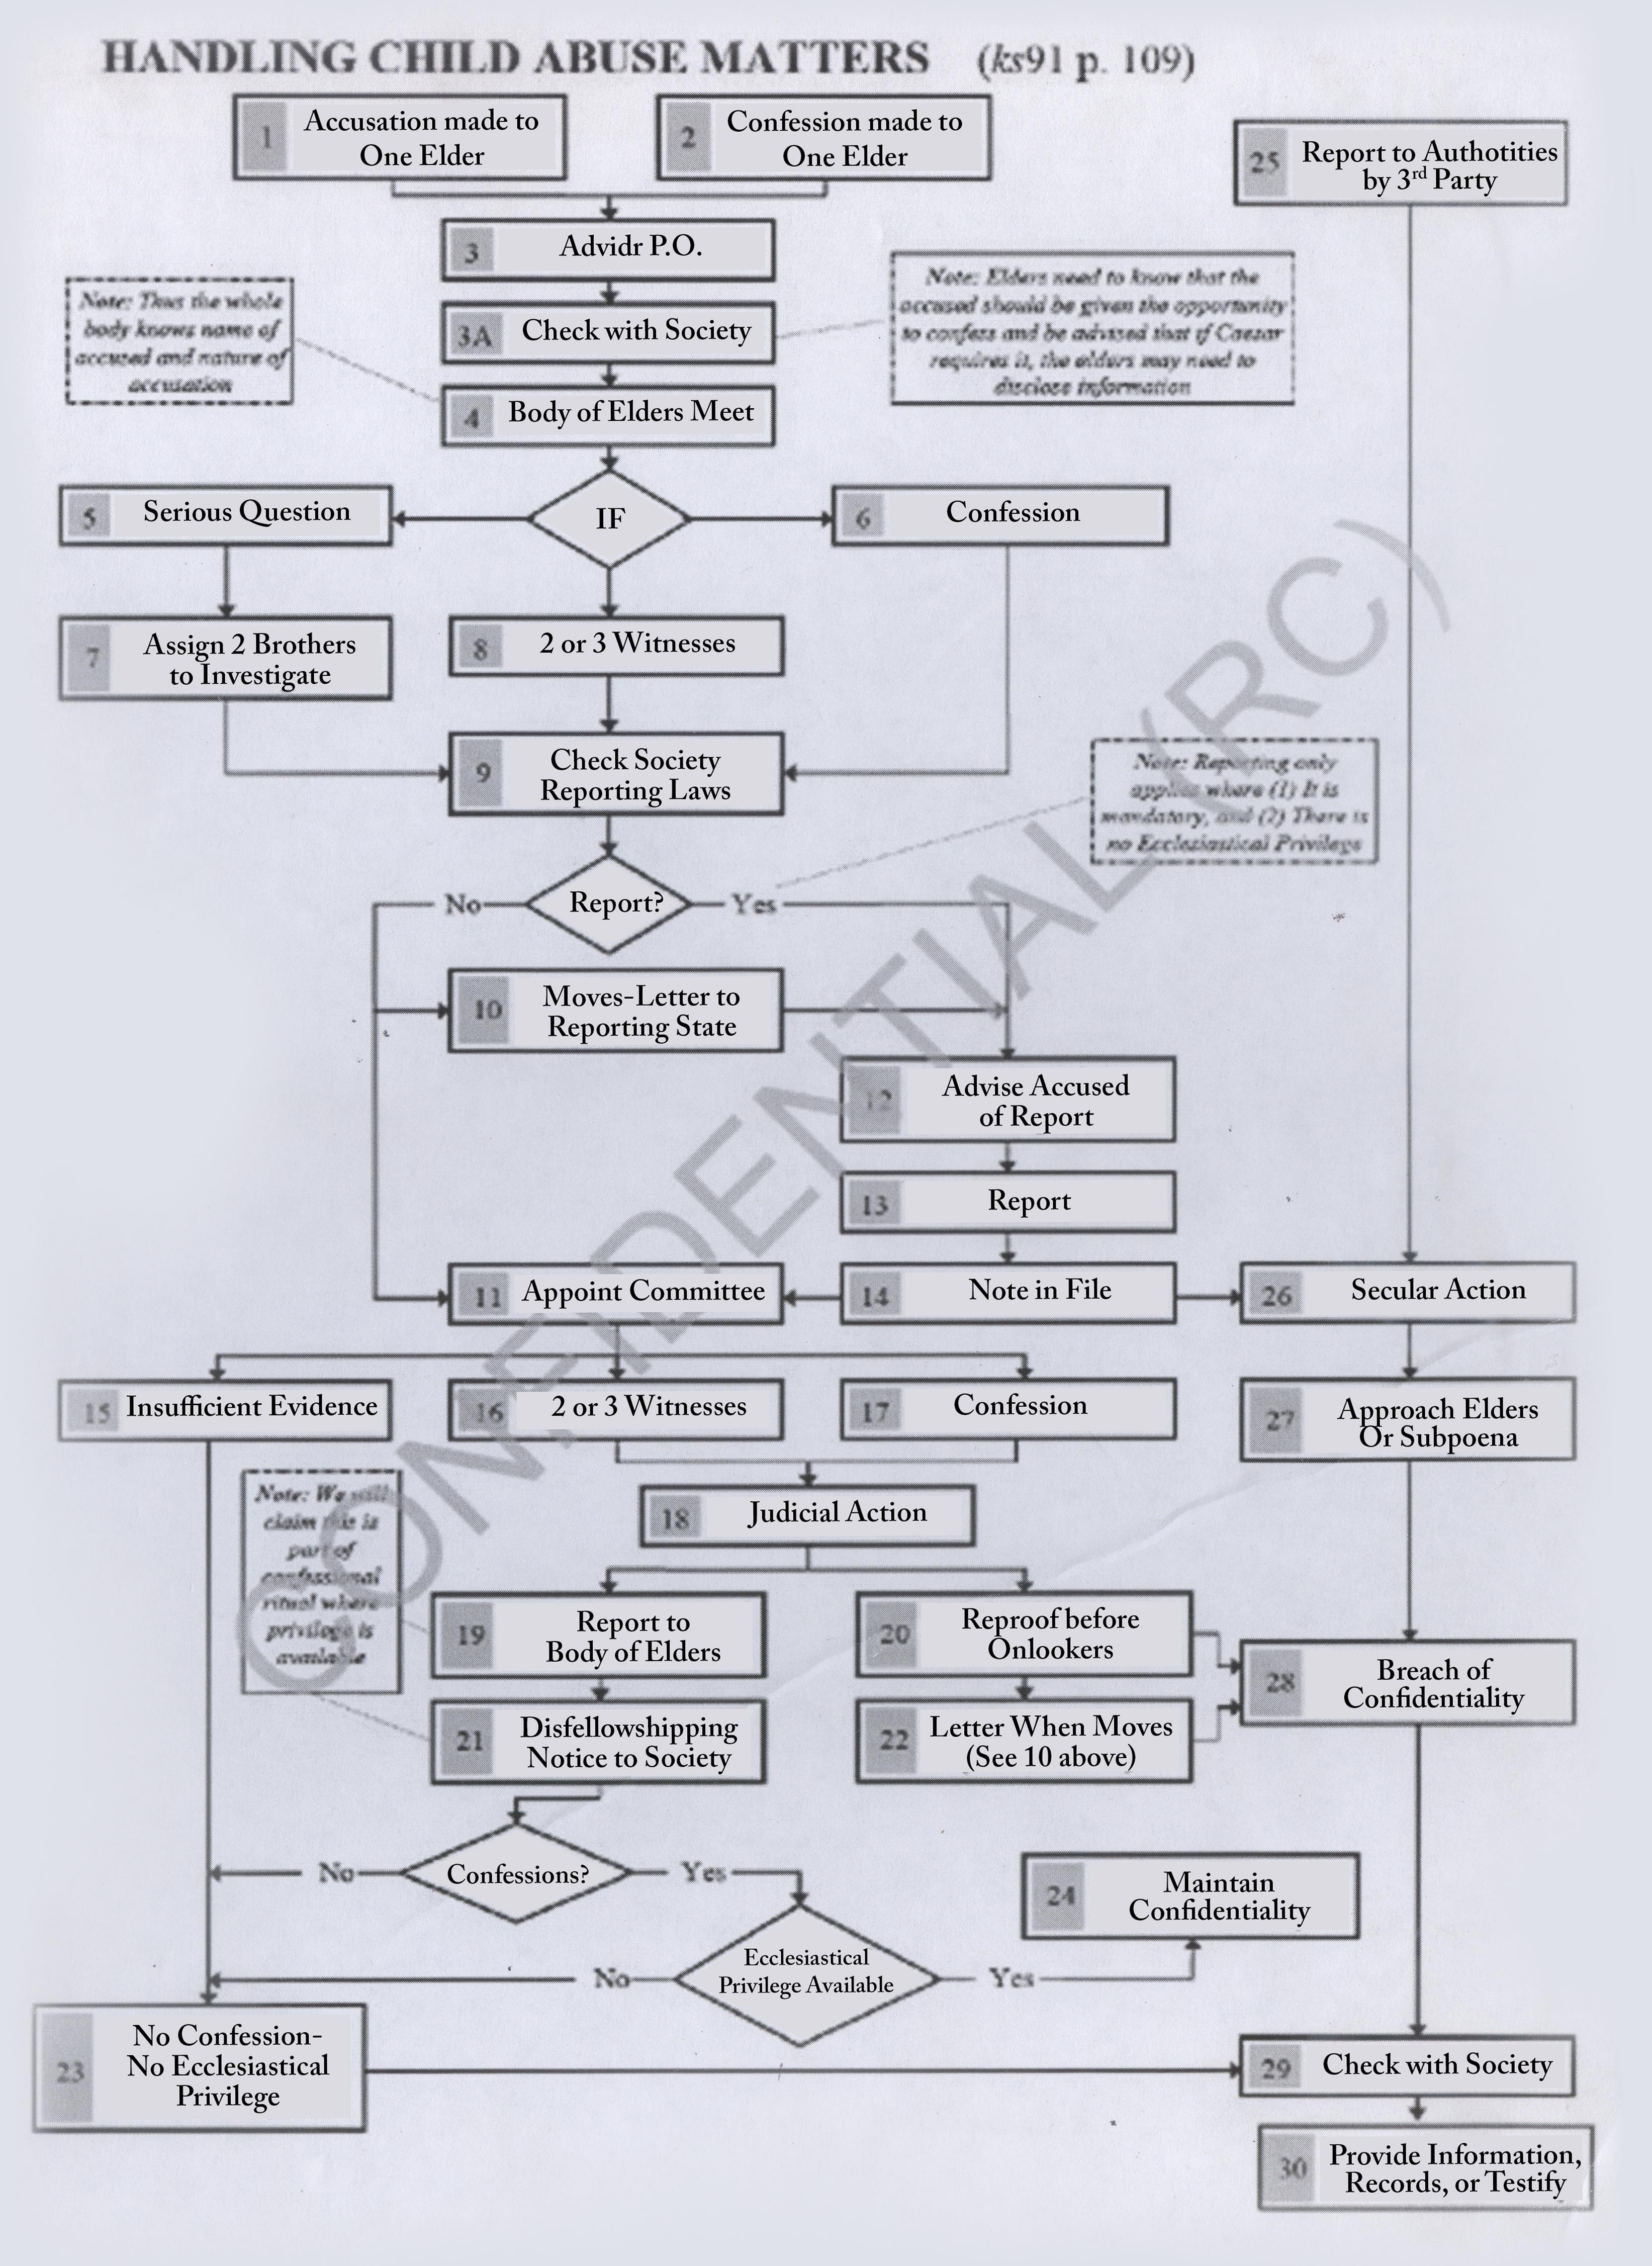 Ce diagramme montre la complexité du processus de dénonciation interne et externe des Témoins de Jéhovah en matière d'abus sexuel d'enfants.